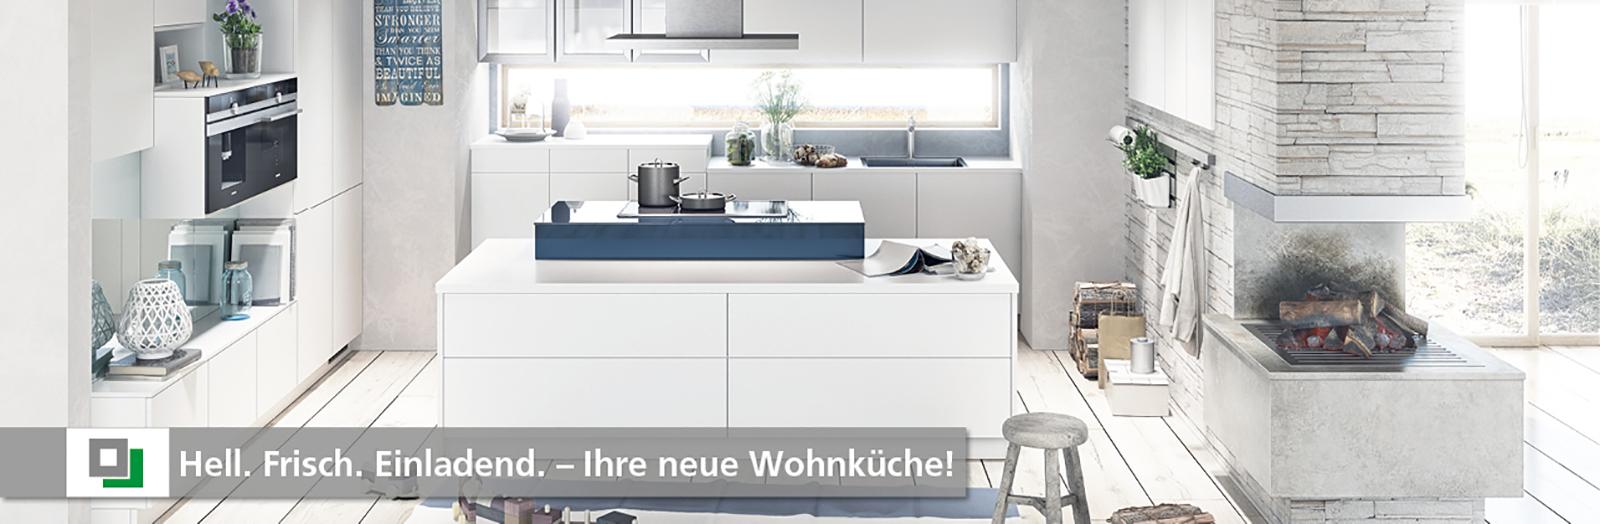 Ihre neue Wohnküche - hell - frisch - einladend - Küche und Raum, 82152 Planegg, 85072 Eichstätt